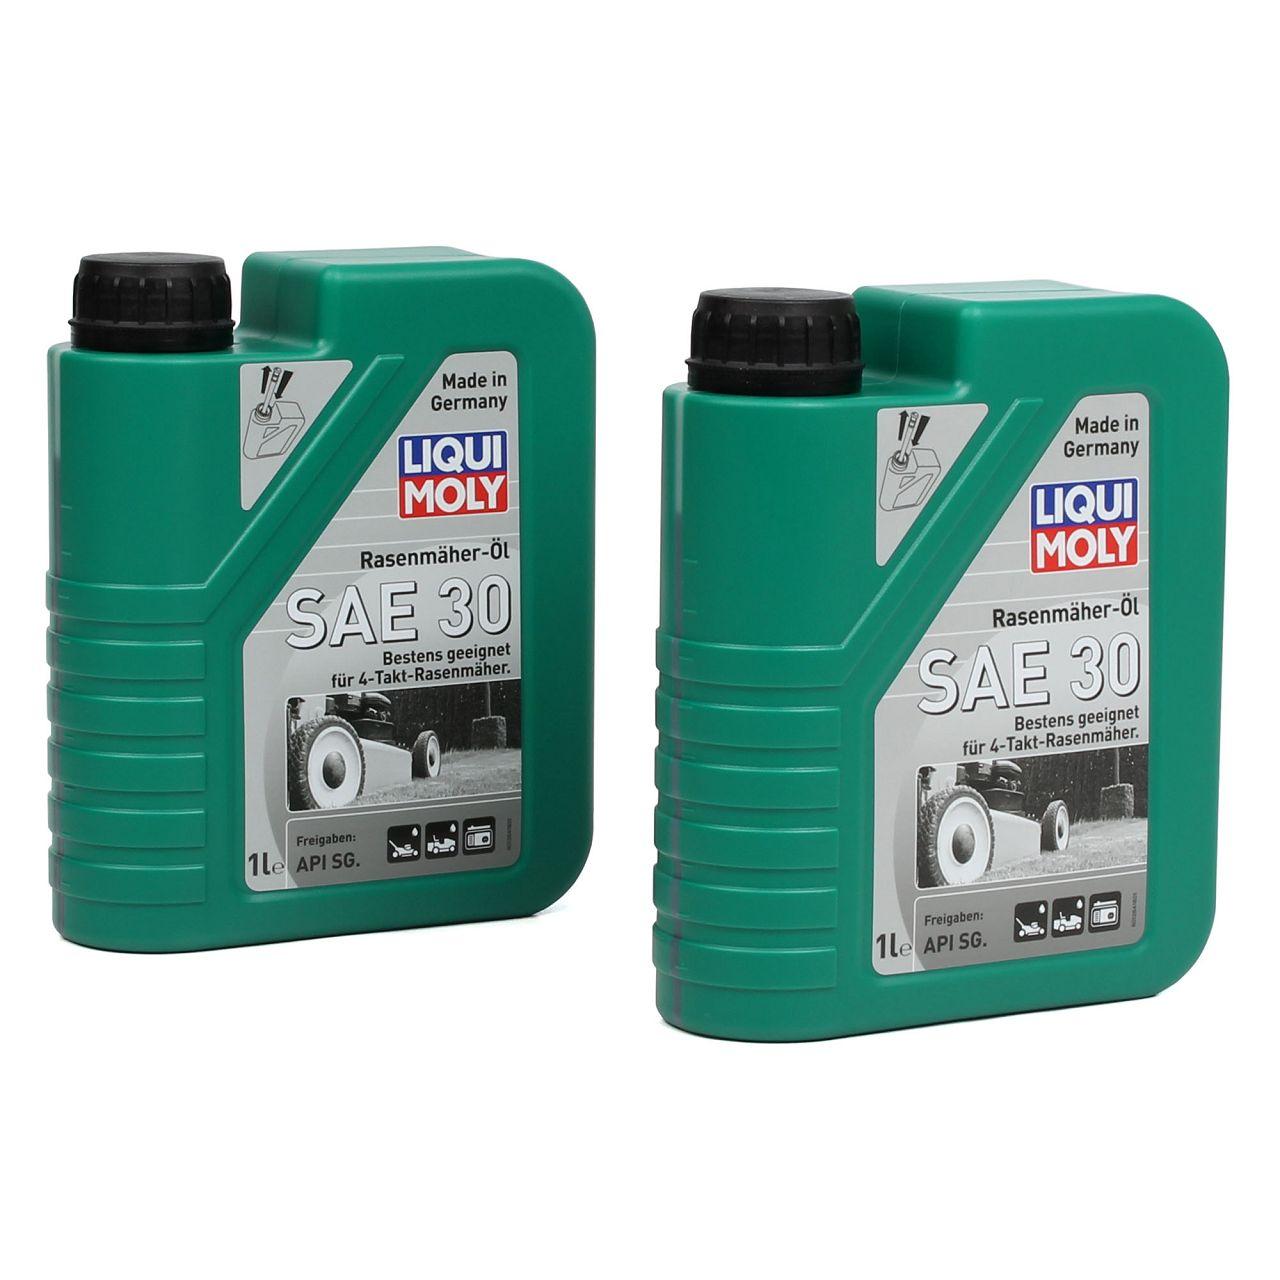 LIQUI MOLY Motoröl Öl 4-Takt Rasenmäher-Öl SAE30 2L 2 Liter 1264